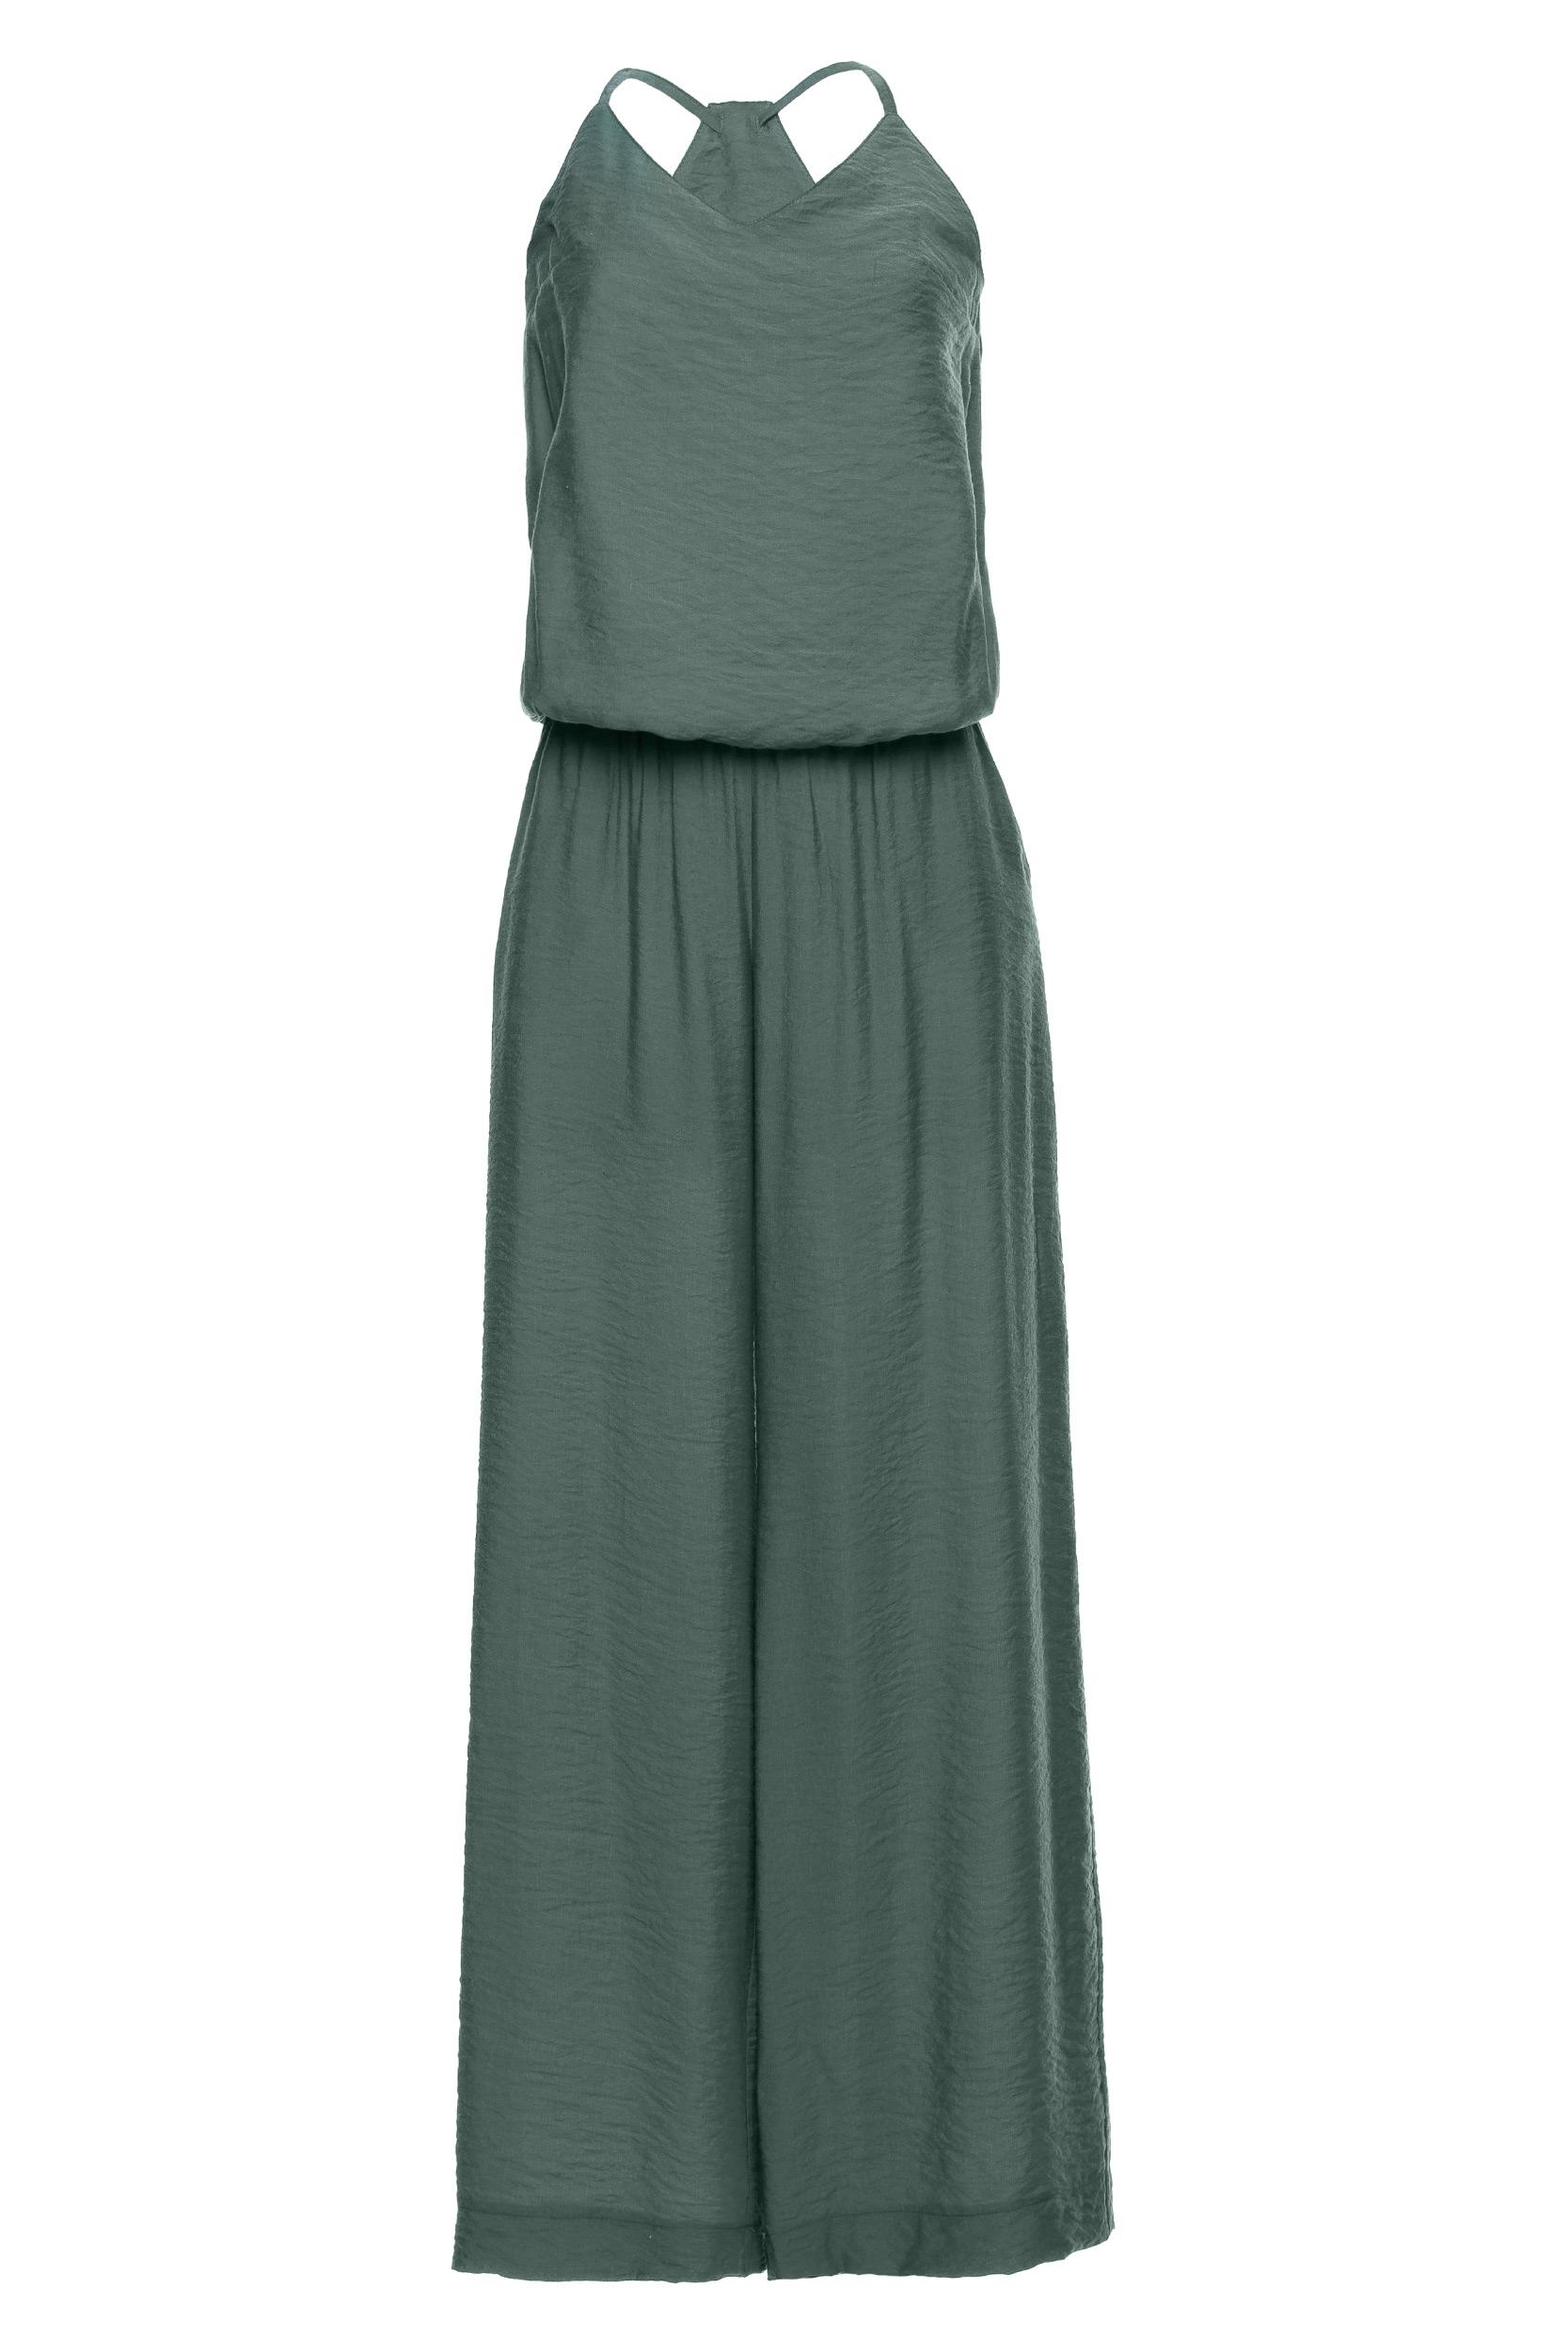 BeWear Jumpsuit B155 Mint - 488835